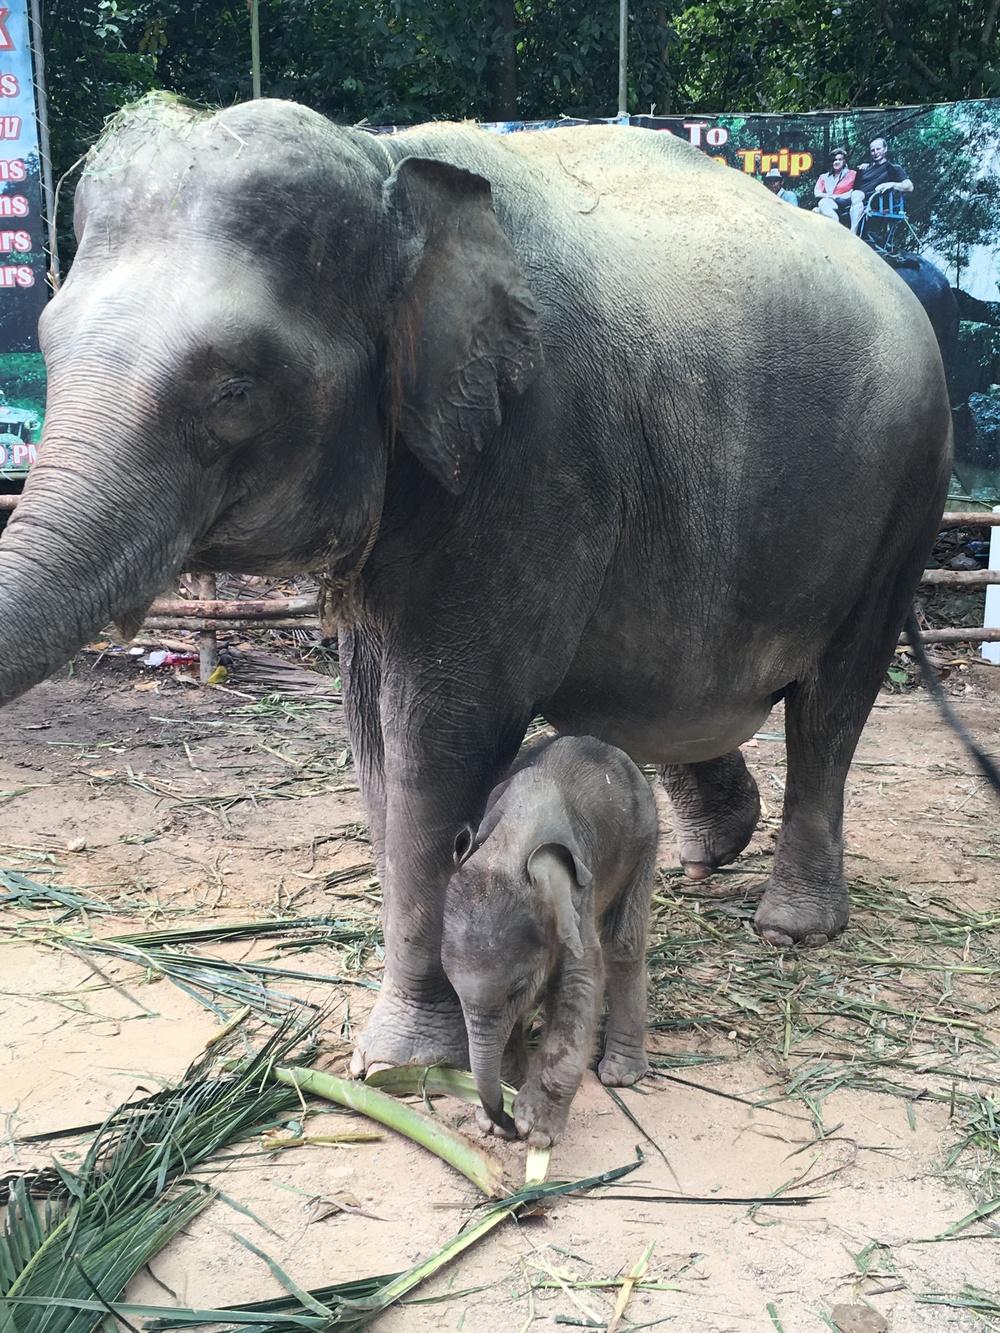 Poor elephants